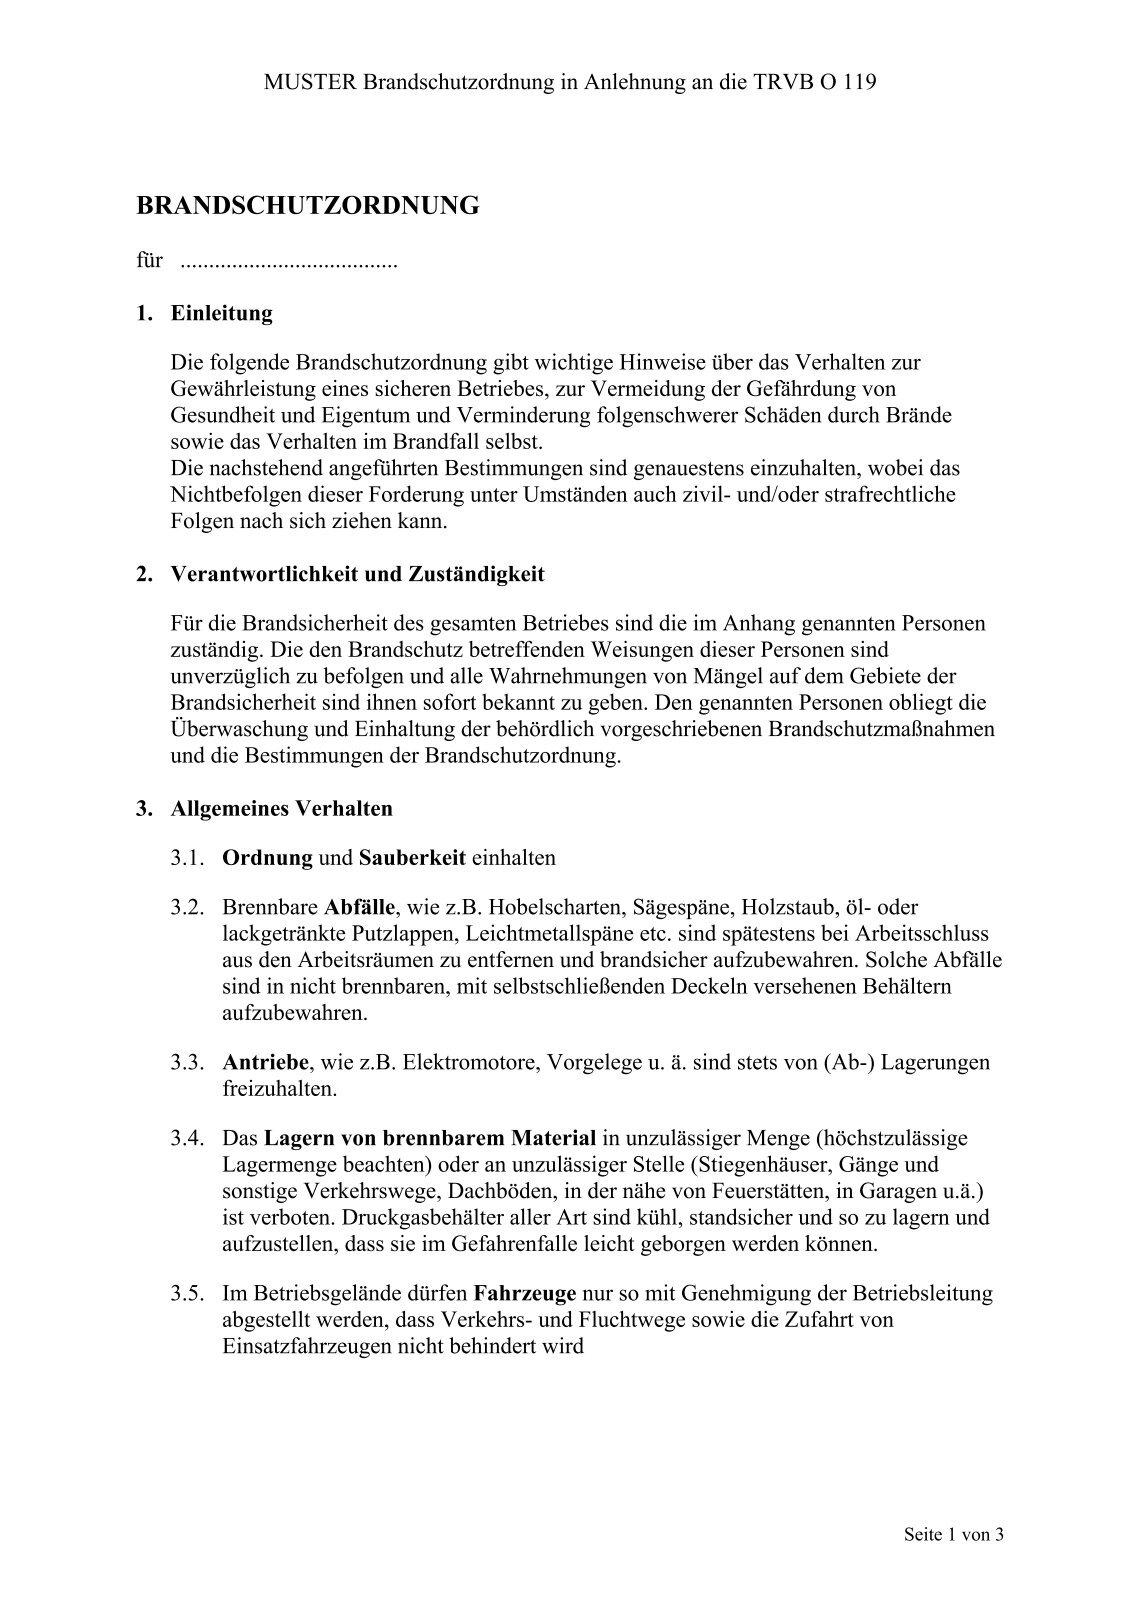 holzindustrieat - Brandschutzordnung Muster